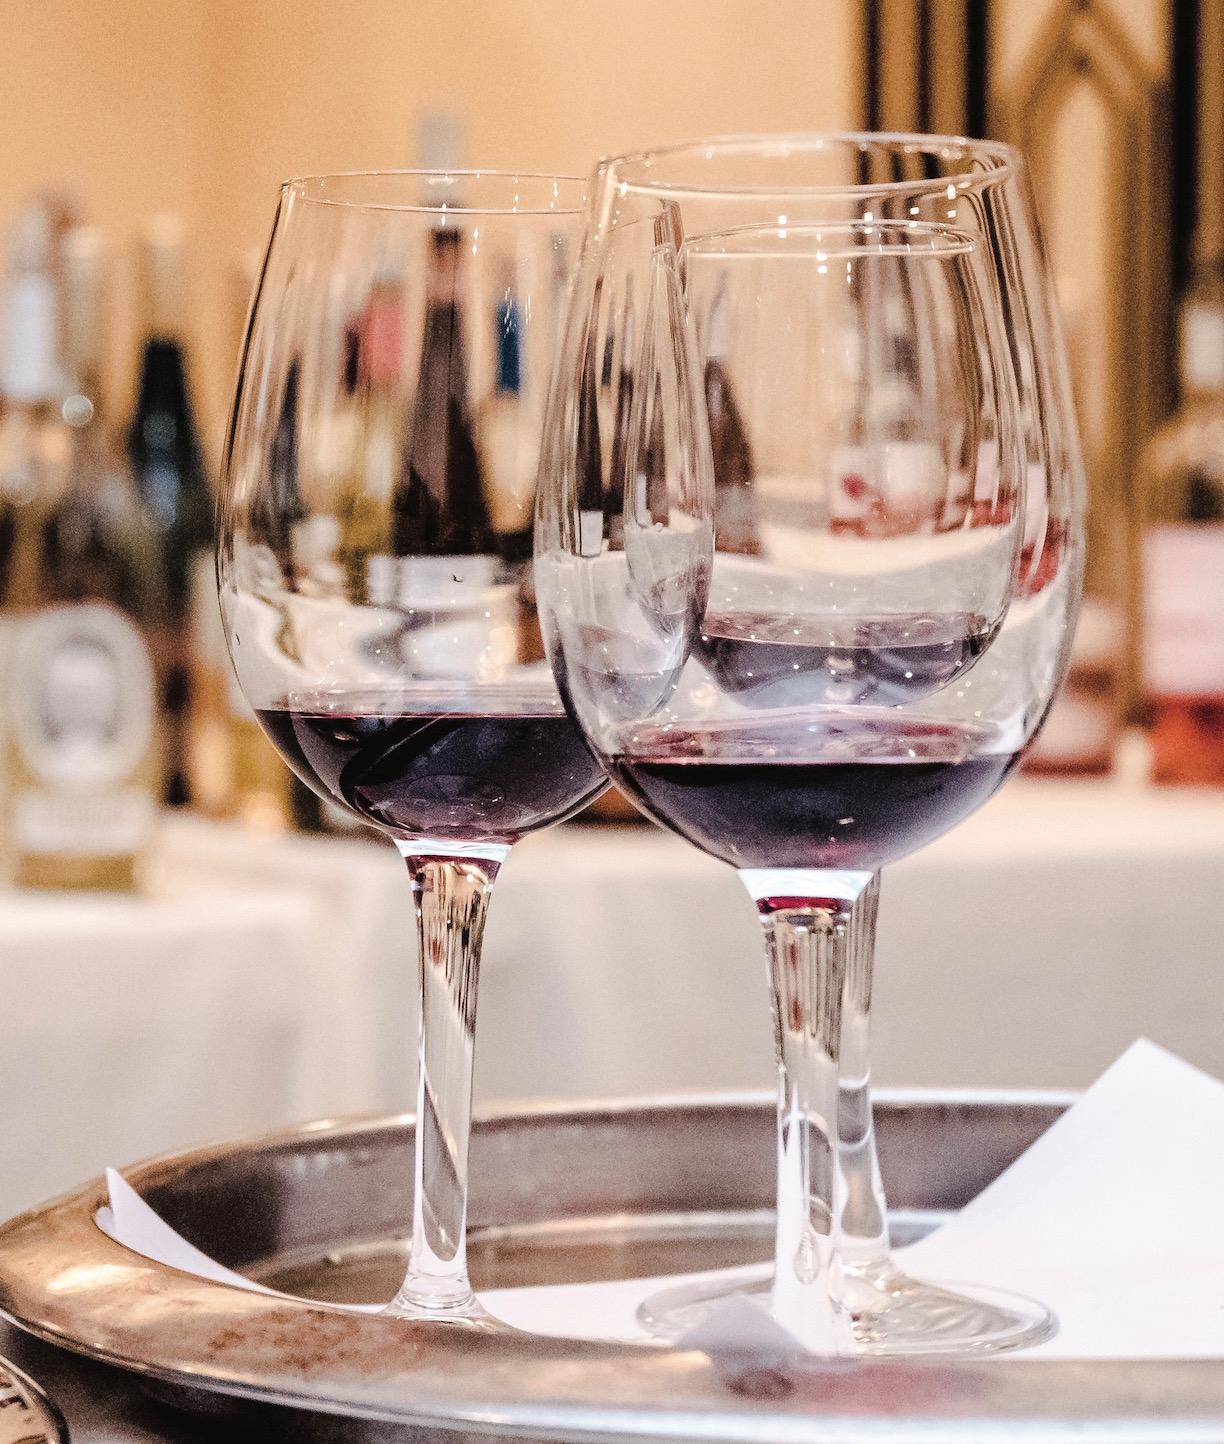 10th Annual Wine Classic, Savor Virginia